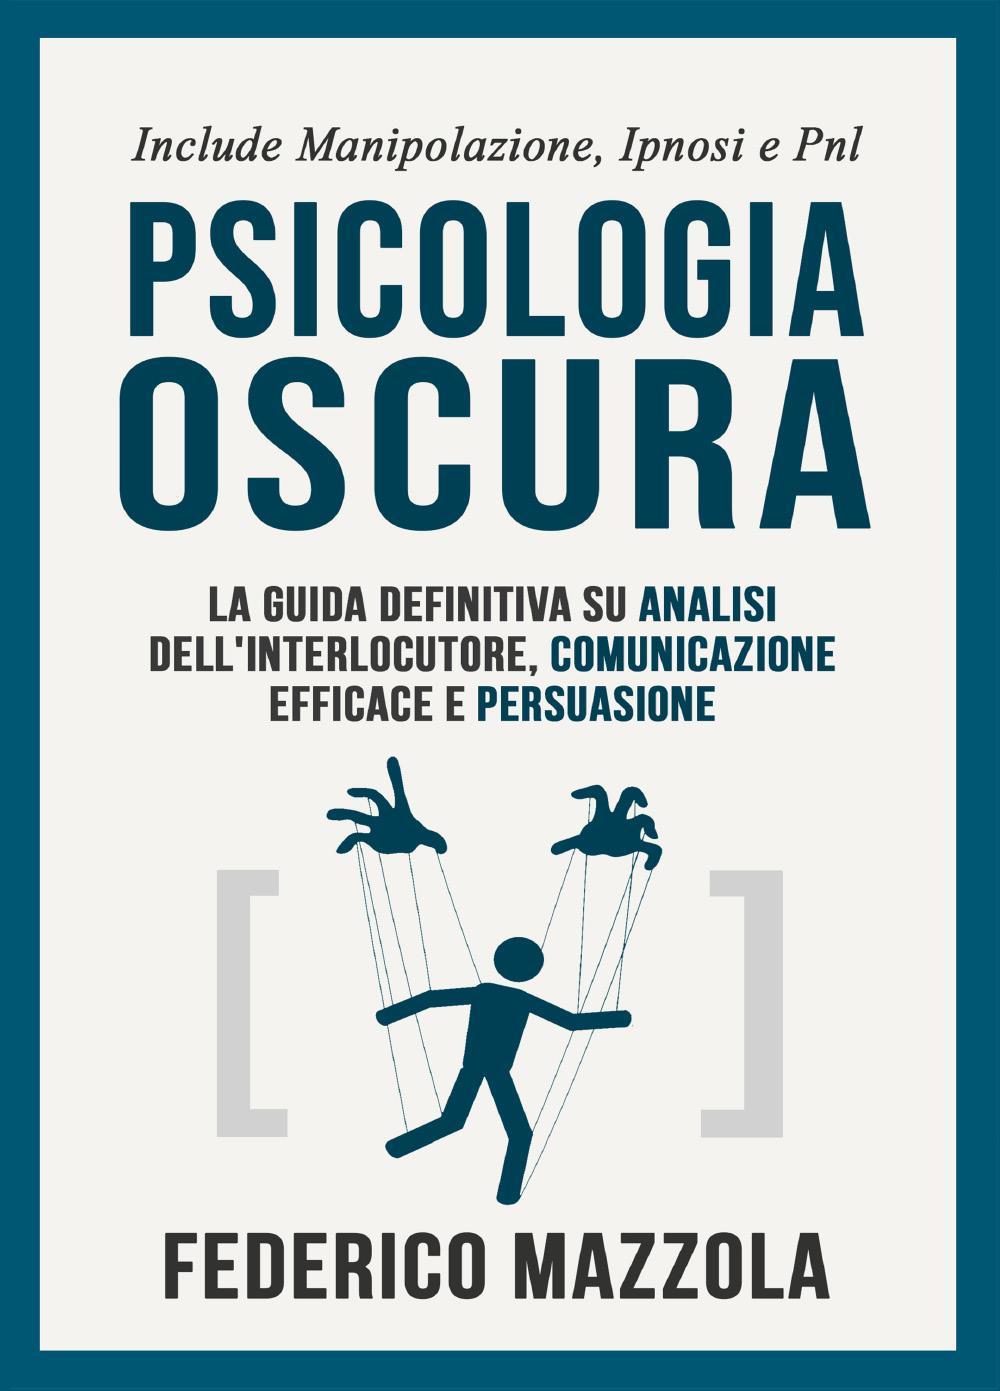 Psicologia Oscura: La guida definitiva su analisi dell'interlocutore, comunicazione efficace e persuasione (Include: manipolazione, ipnosi e PNL)